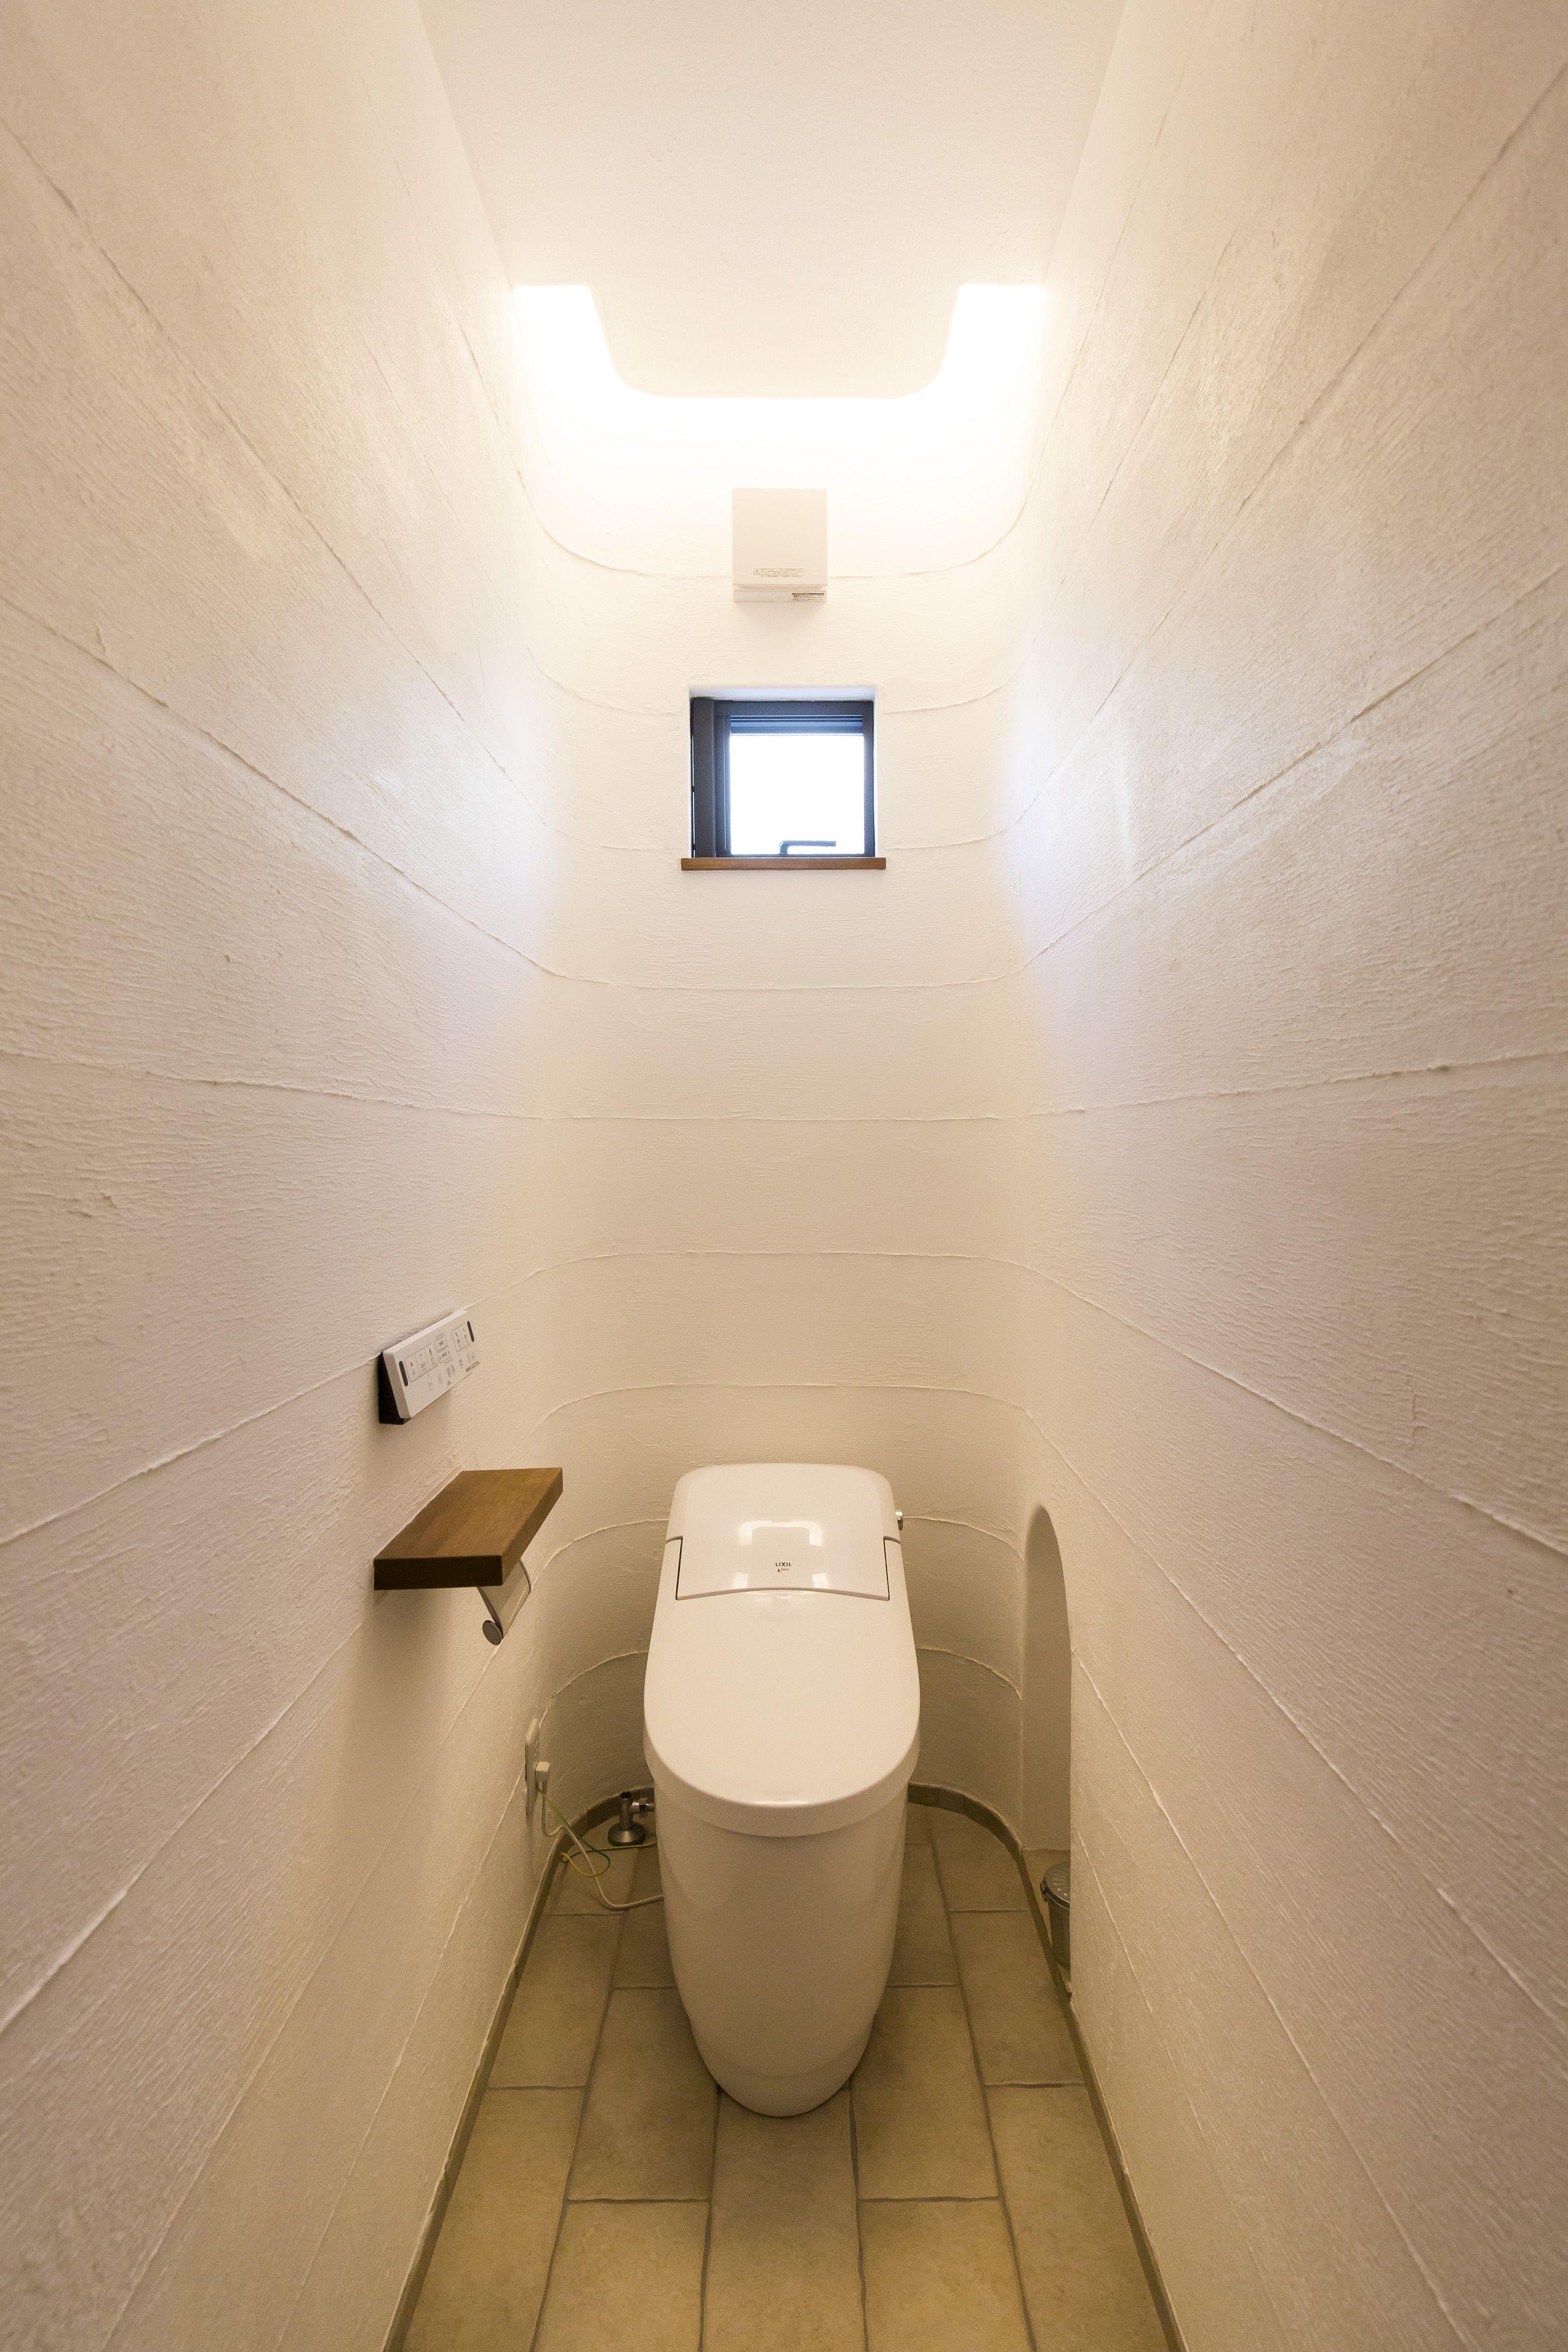 ケース92 トイレ インテリア トイレのデザイン トイレ おしゃれ